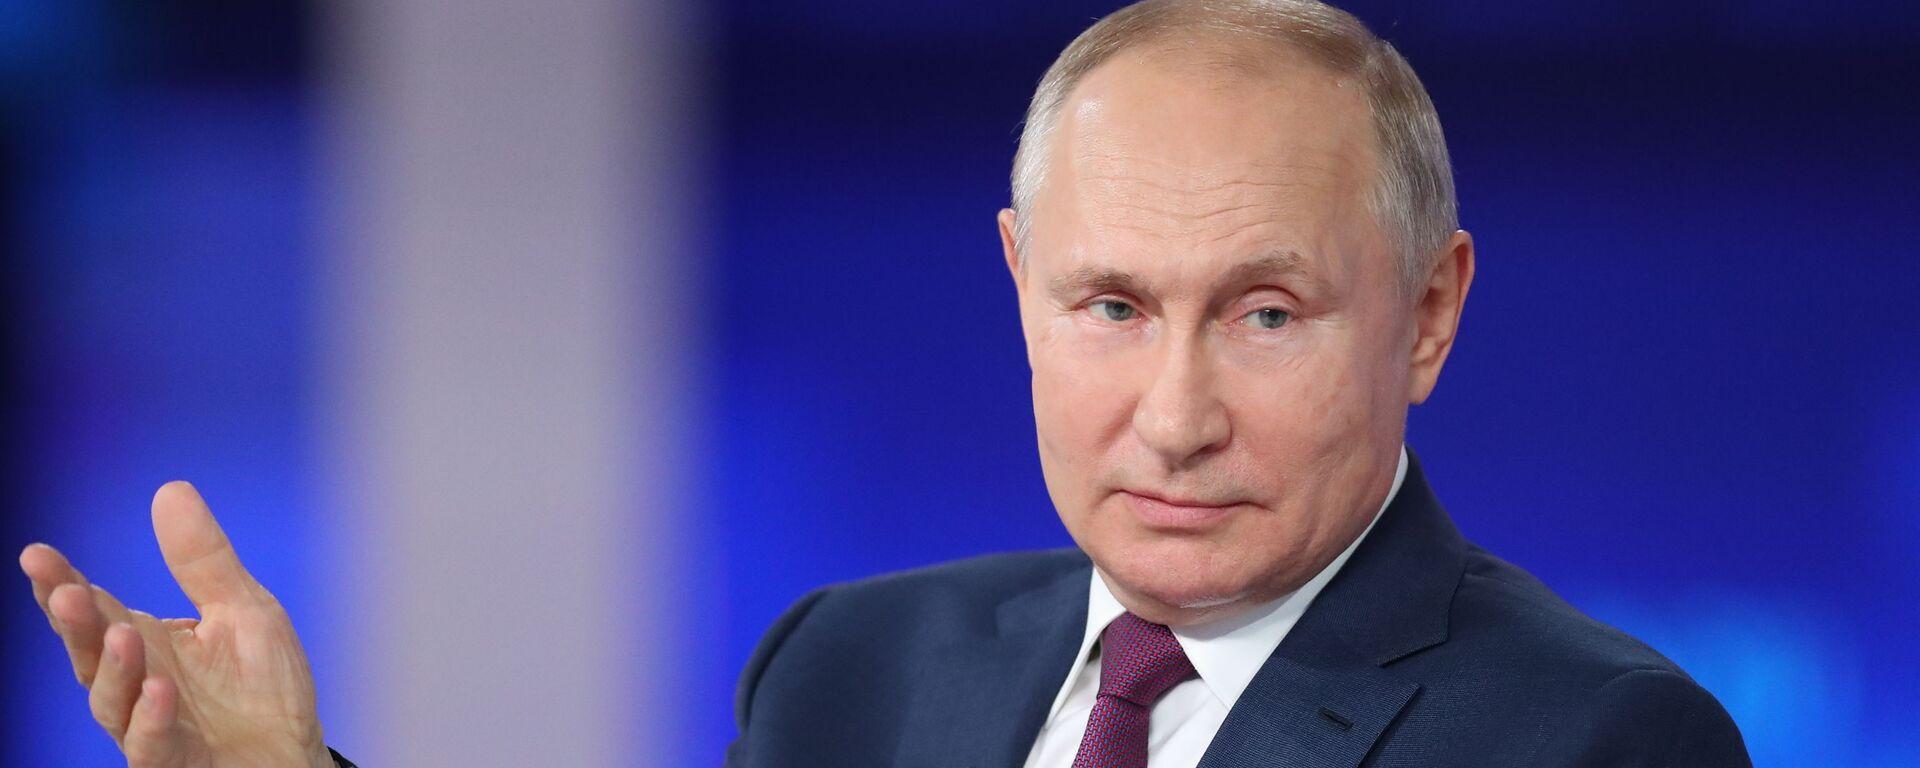 Прямая линия с президентом РФ Владимиром Путиным - Sputnik Абхазия, 1920, 05.07.2021